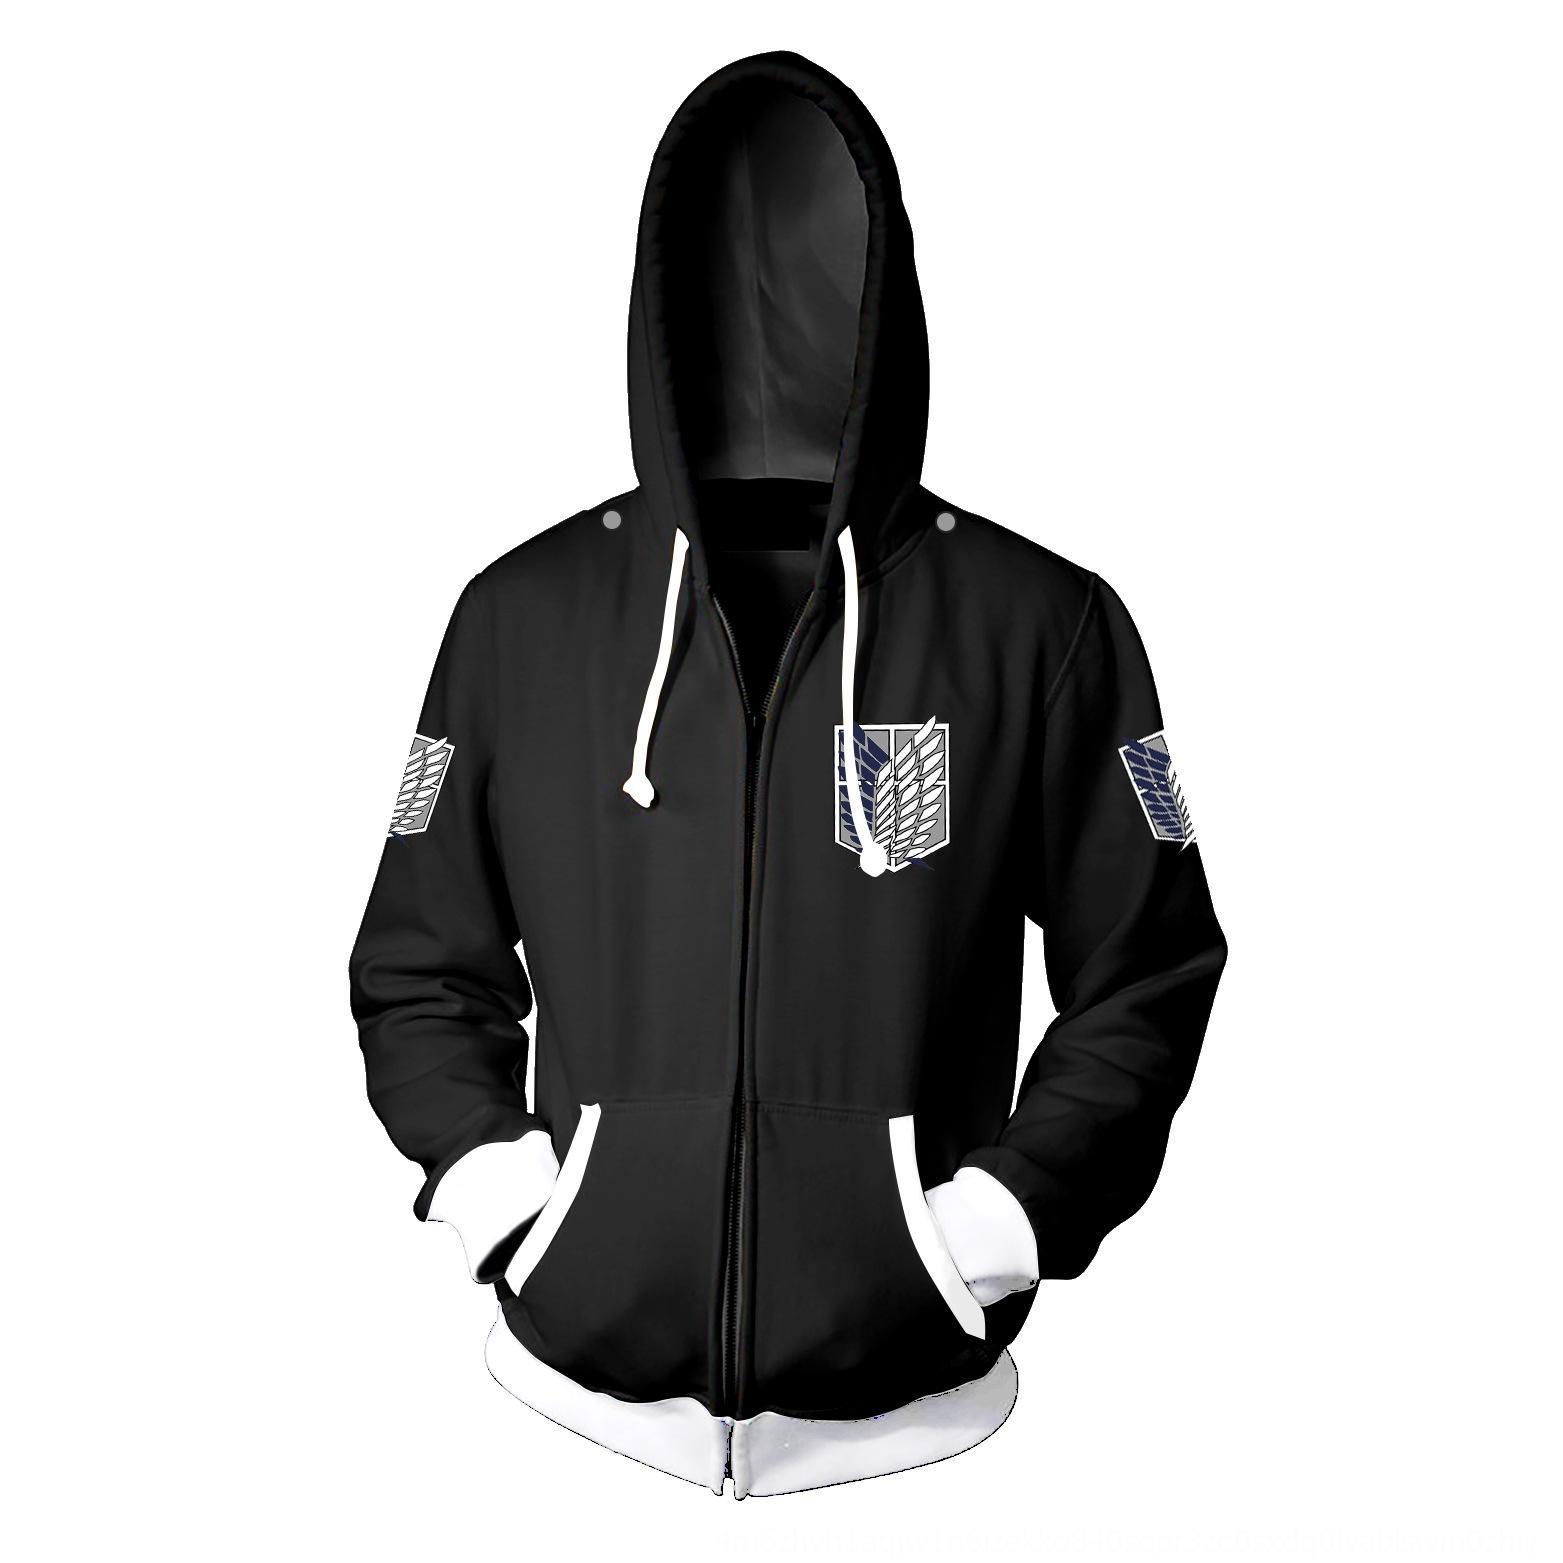 Nova ataque impressão gigante 3D camisola zíper zíper casaco com capuz camisola cosplay anime periférica